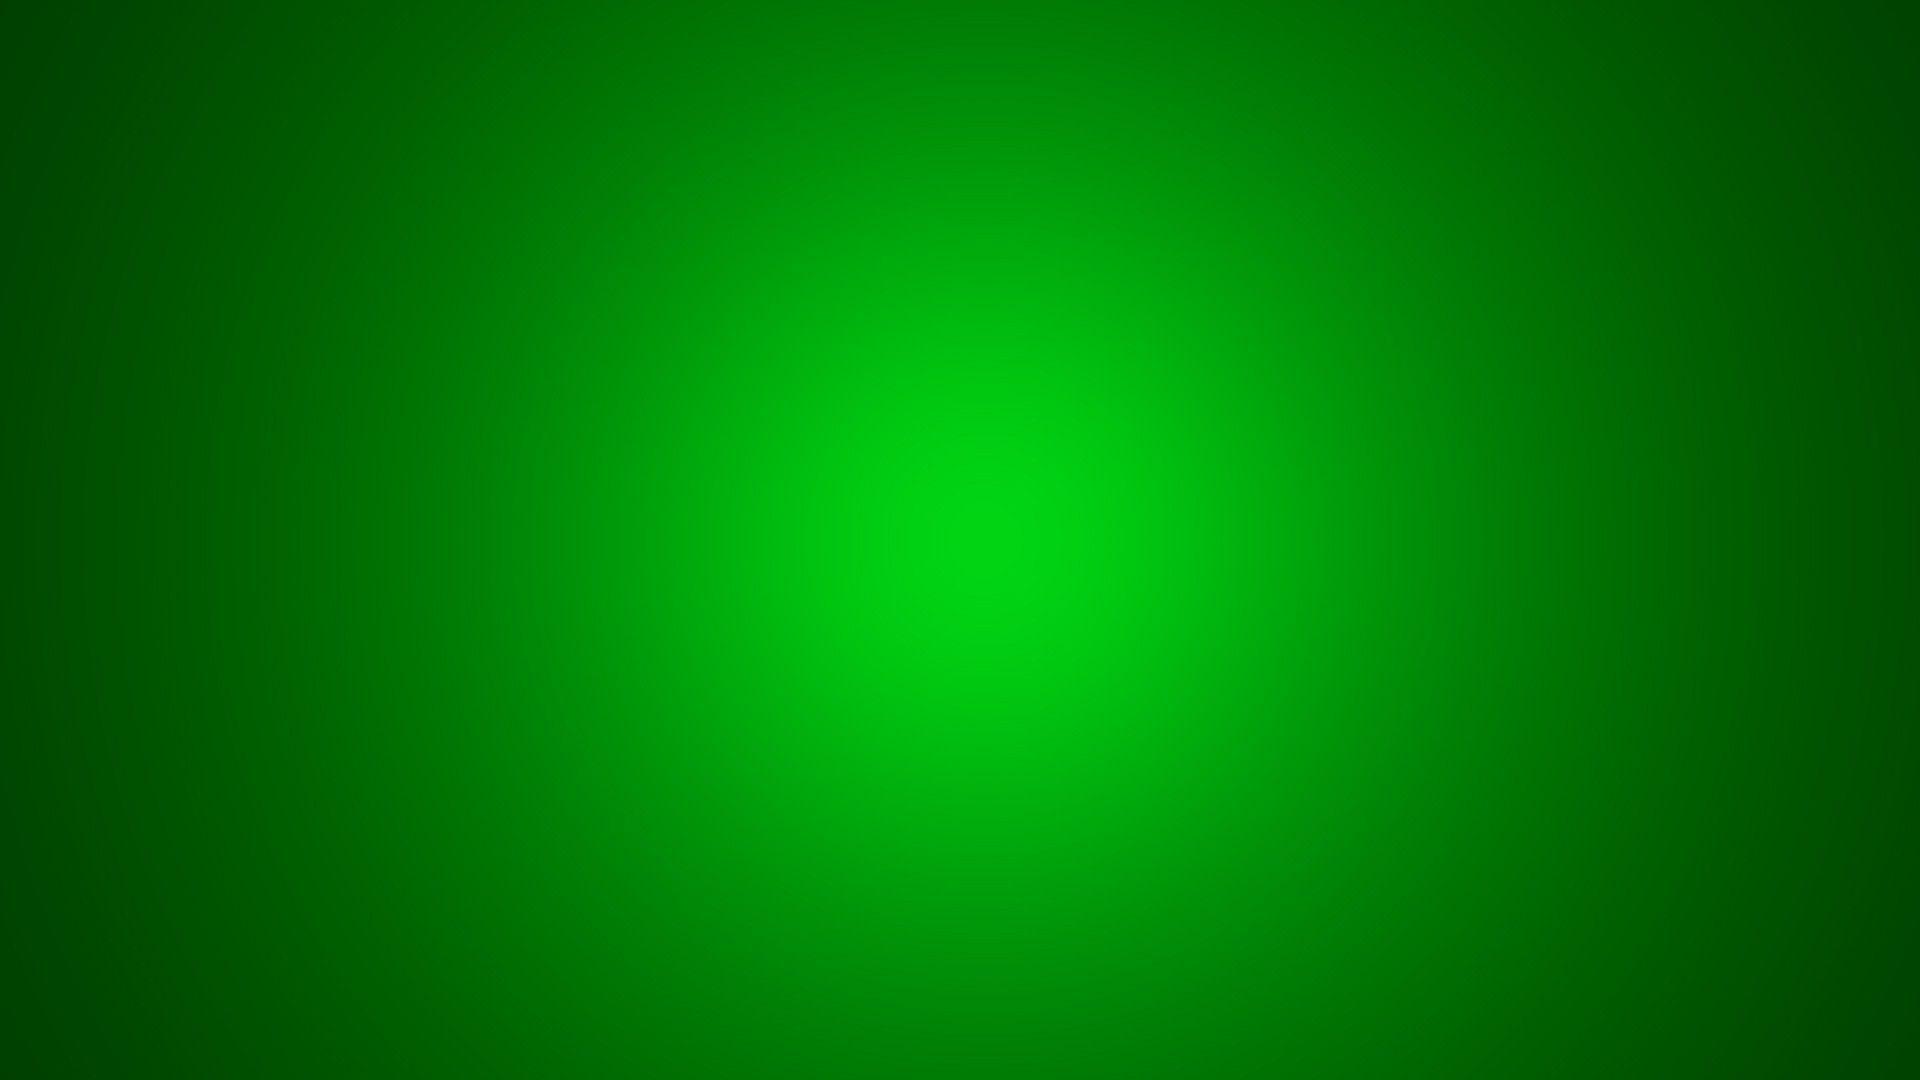 Green Wallpaper Achtergrond Studio S Groen